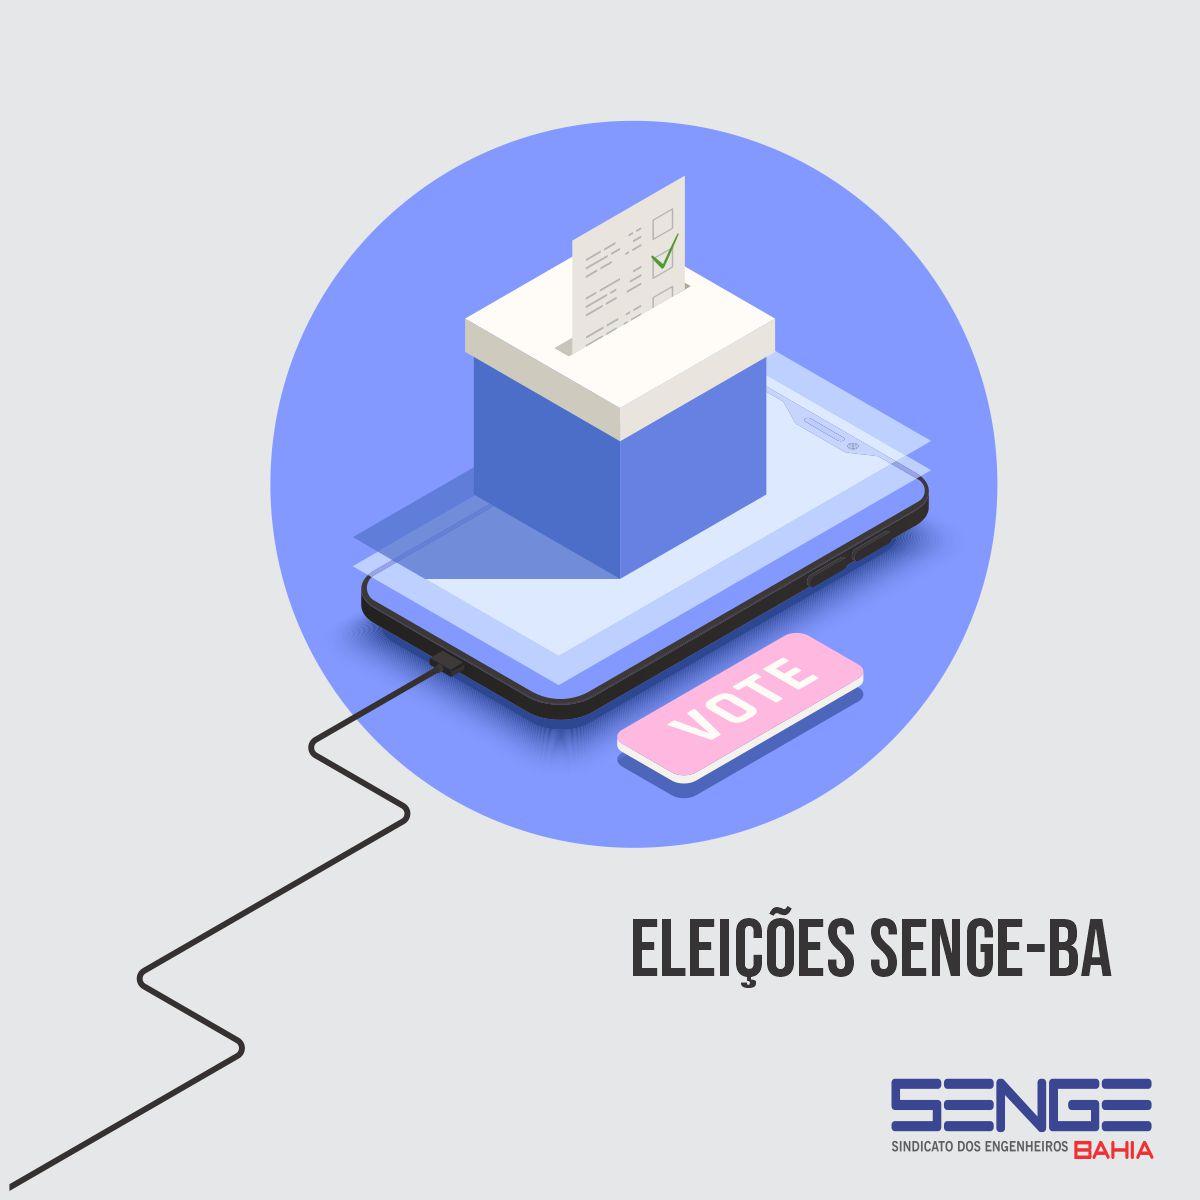 Eleições Senge-BA I Conheça a Chapa inscrita